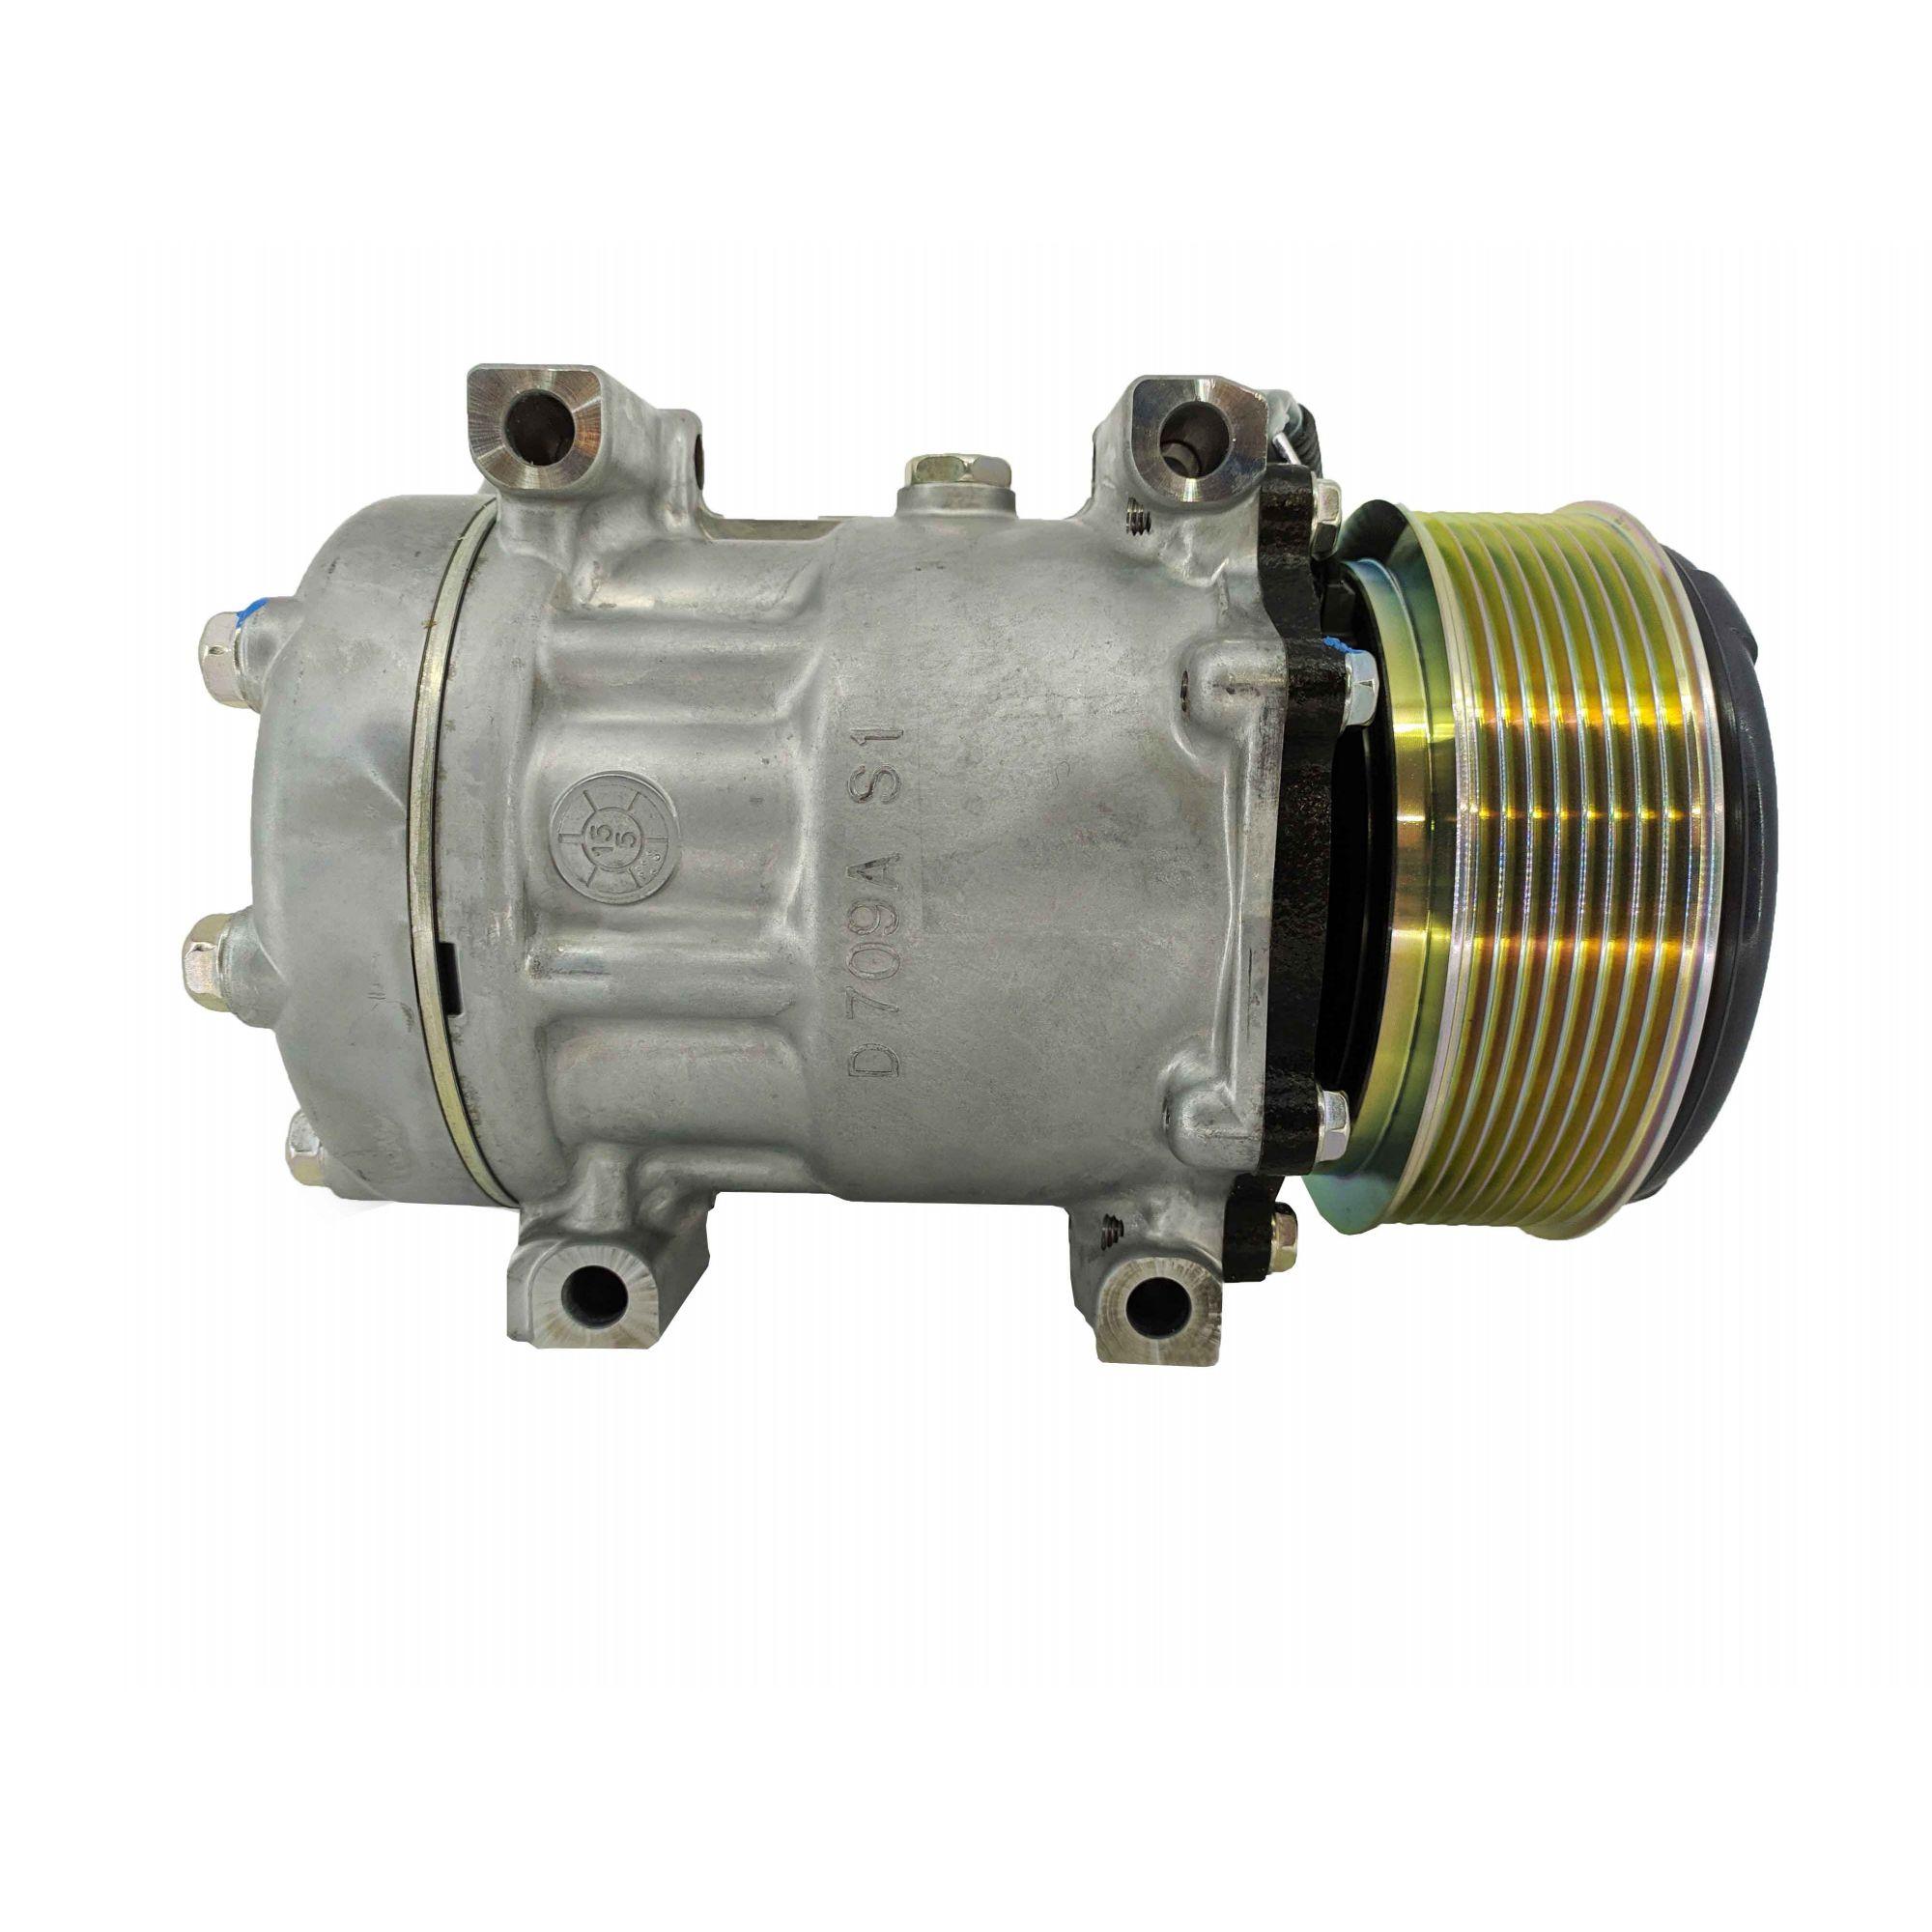 Compressor 7h15 Passante Jcb 24v - Original SANDEN